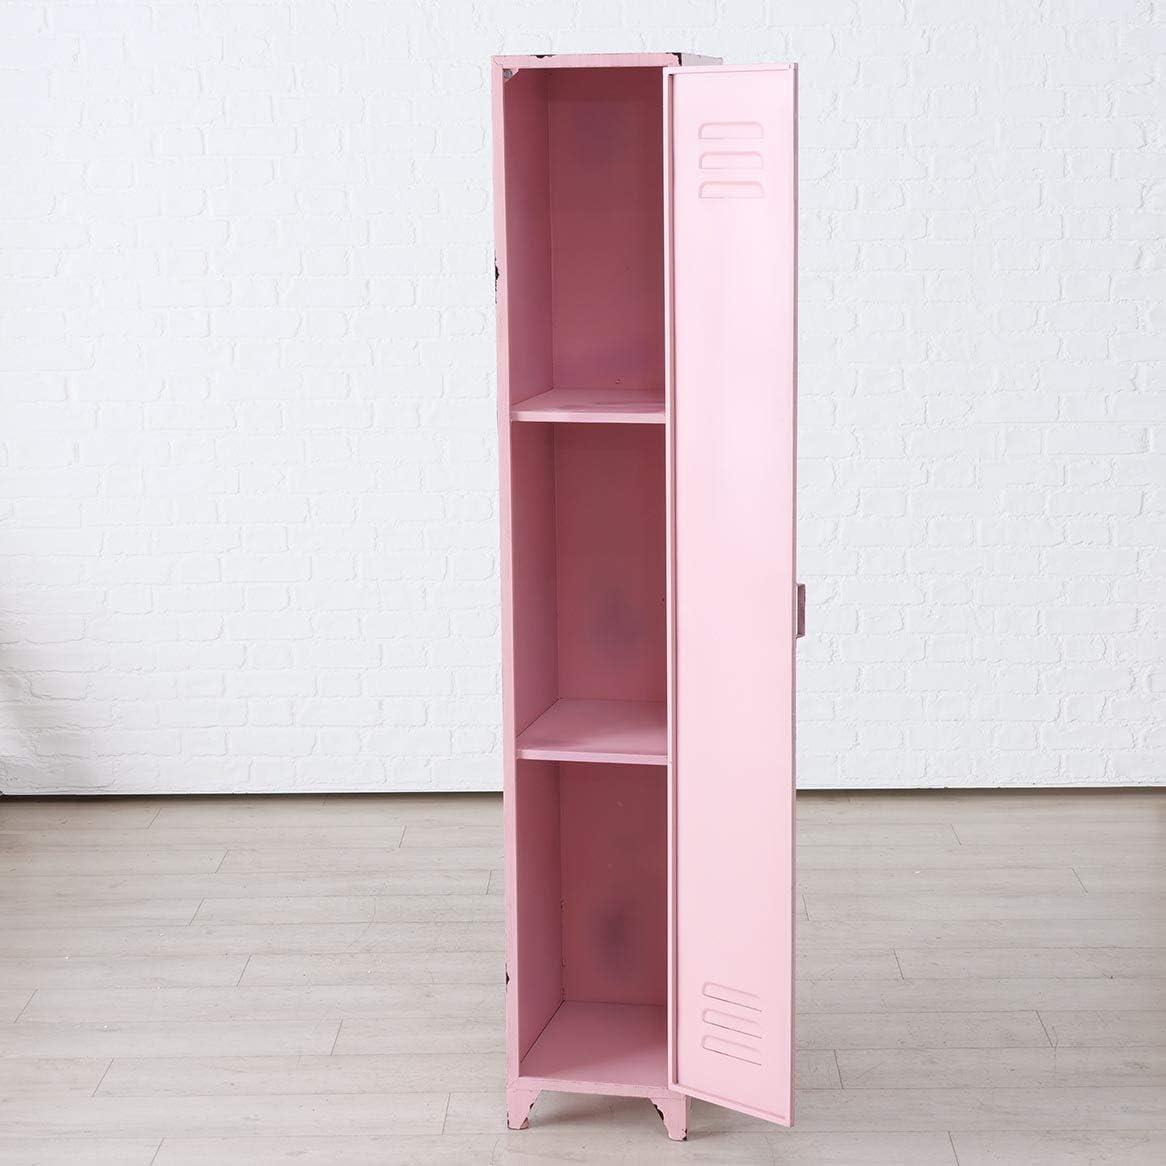 Immo Genialer Spind Schrank Pink Umkleide Schrankchen Metall Rosa